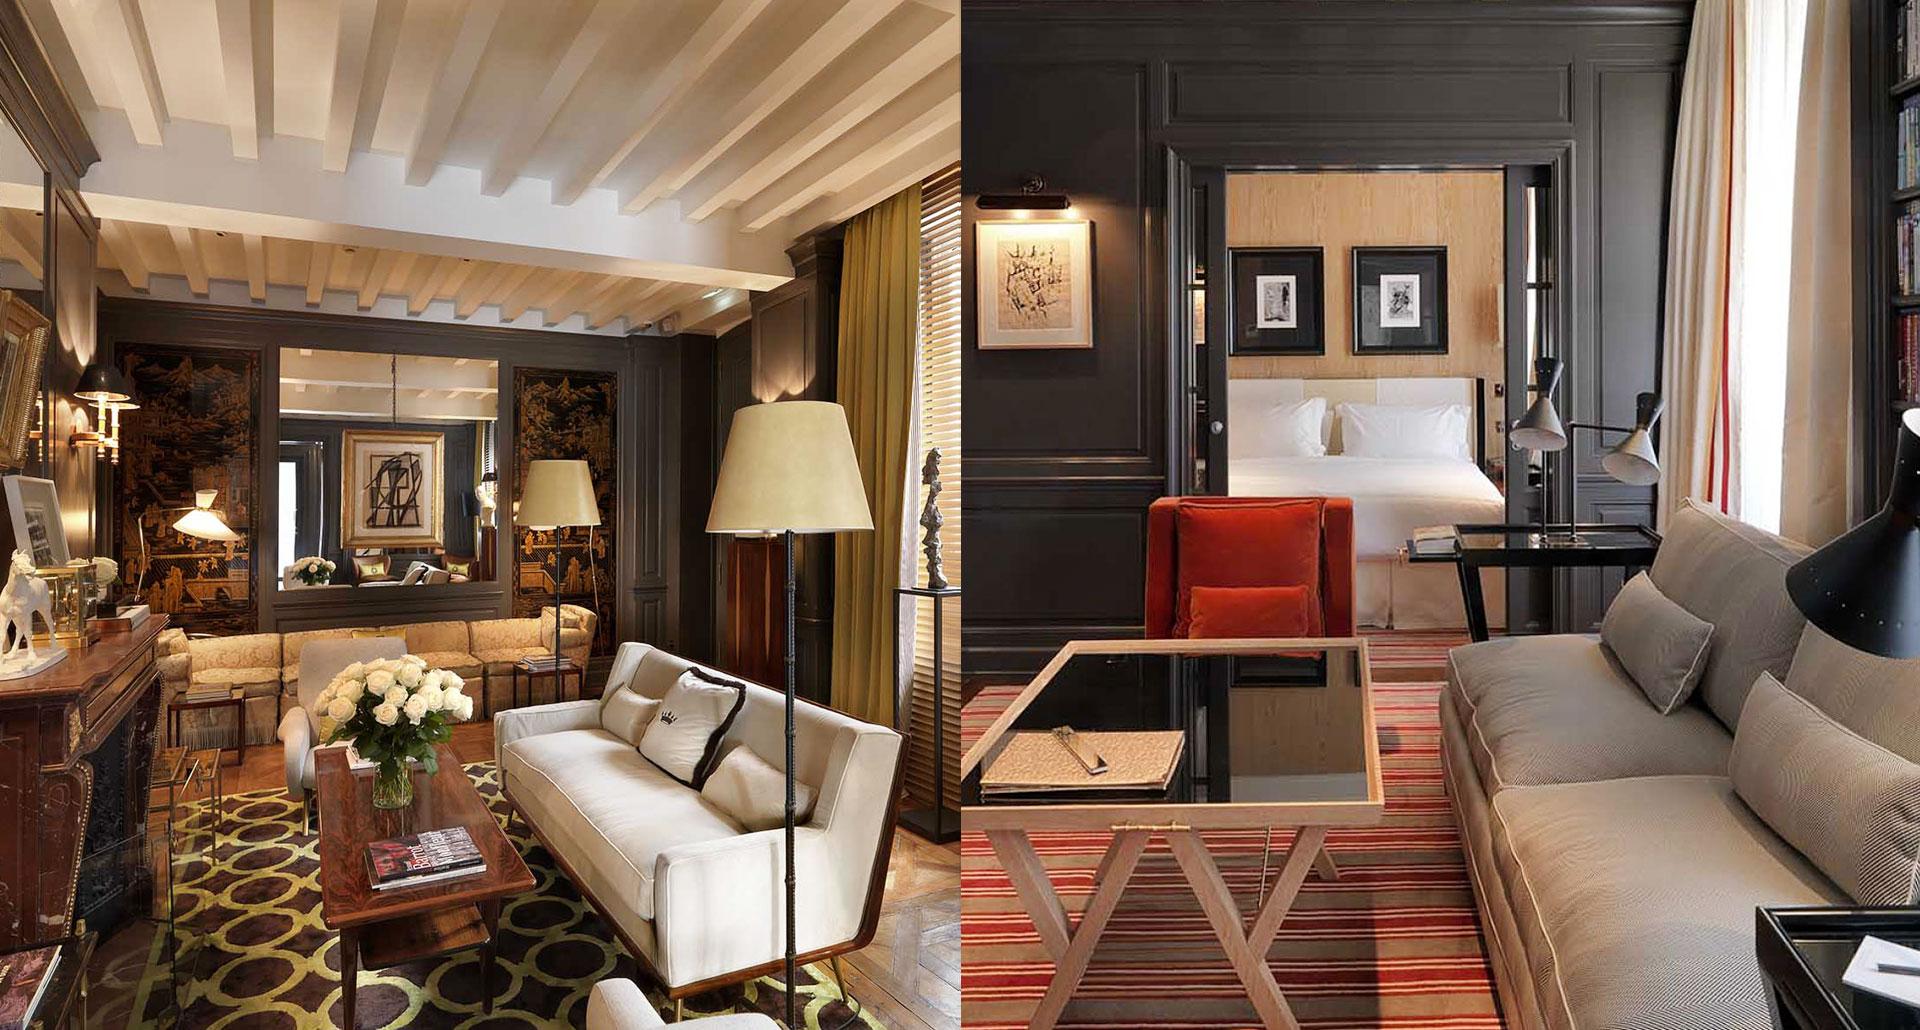 Marquis Faubourg Saint-Honore - romantic boutique hotel in Paris, France